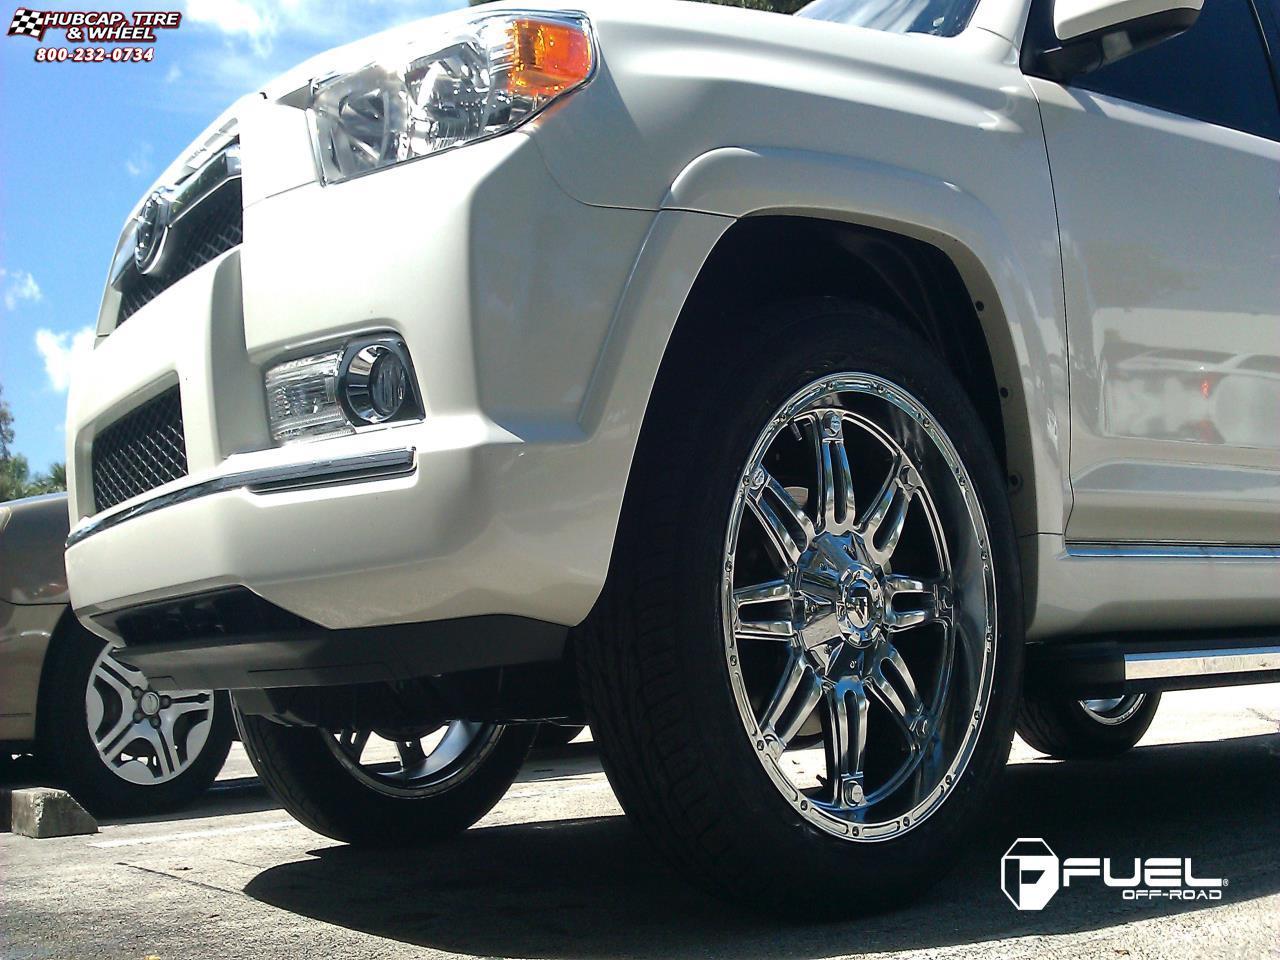 Toyota 4runner Fuel Hostage D530 Wheels Chrome